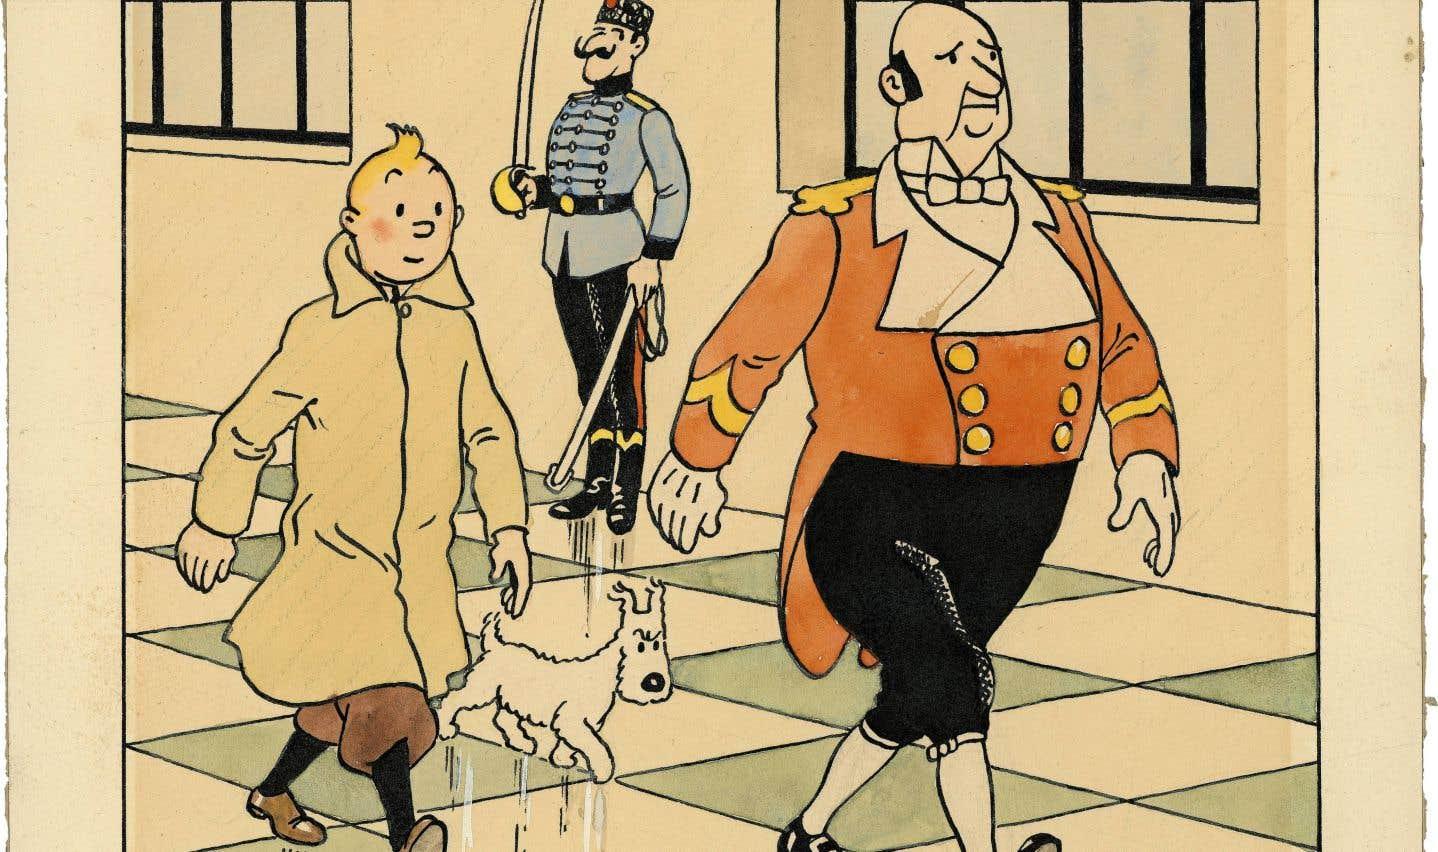 L'univers d'Hergé et de Tintin aux enchères